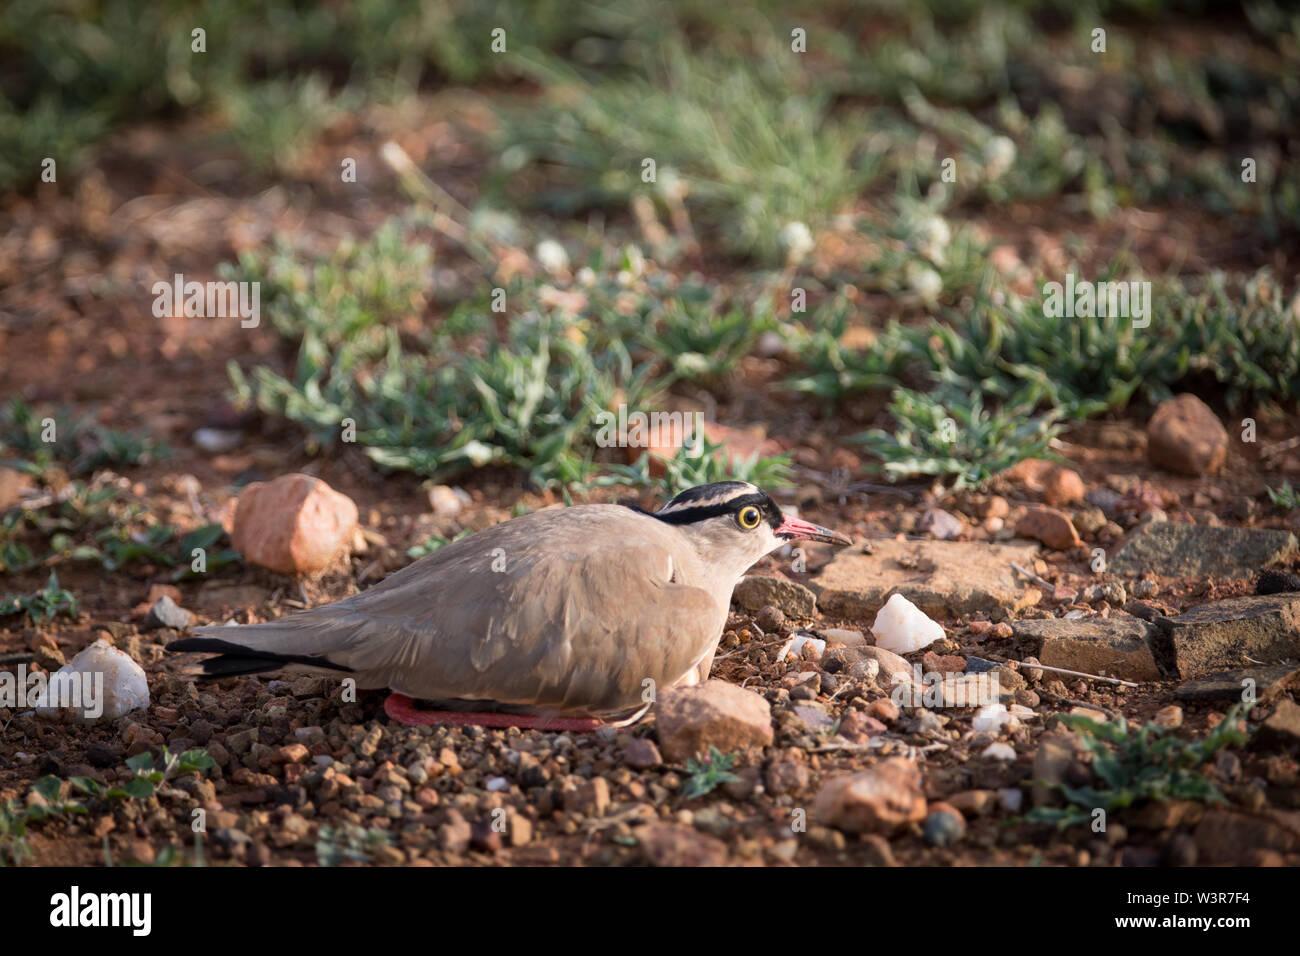 Vanneau couronné, Vanellus coronatus, Madikwe Game Reserve, Province du Nord-Ouest, Afrique du Sud Photo Stock